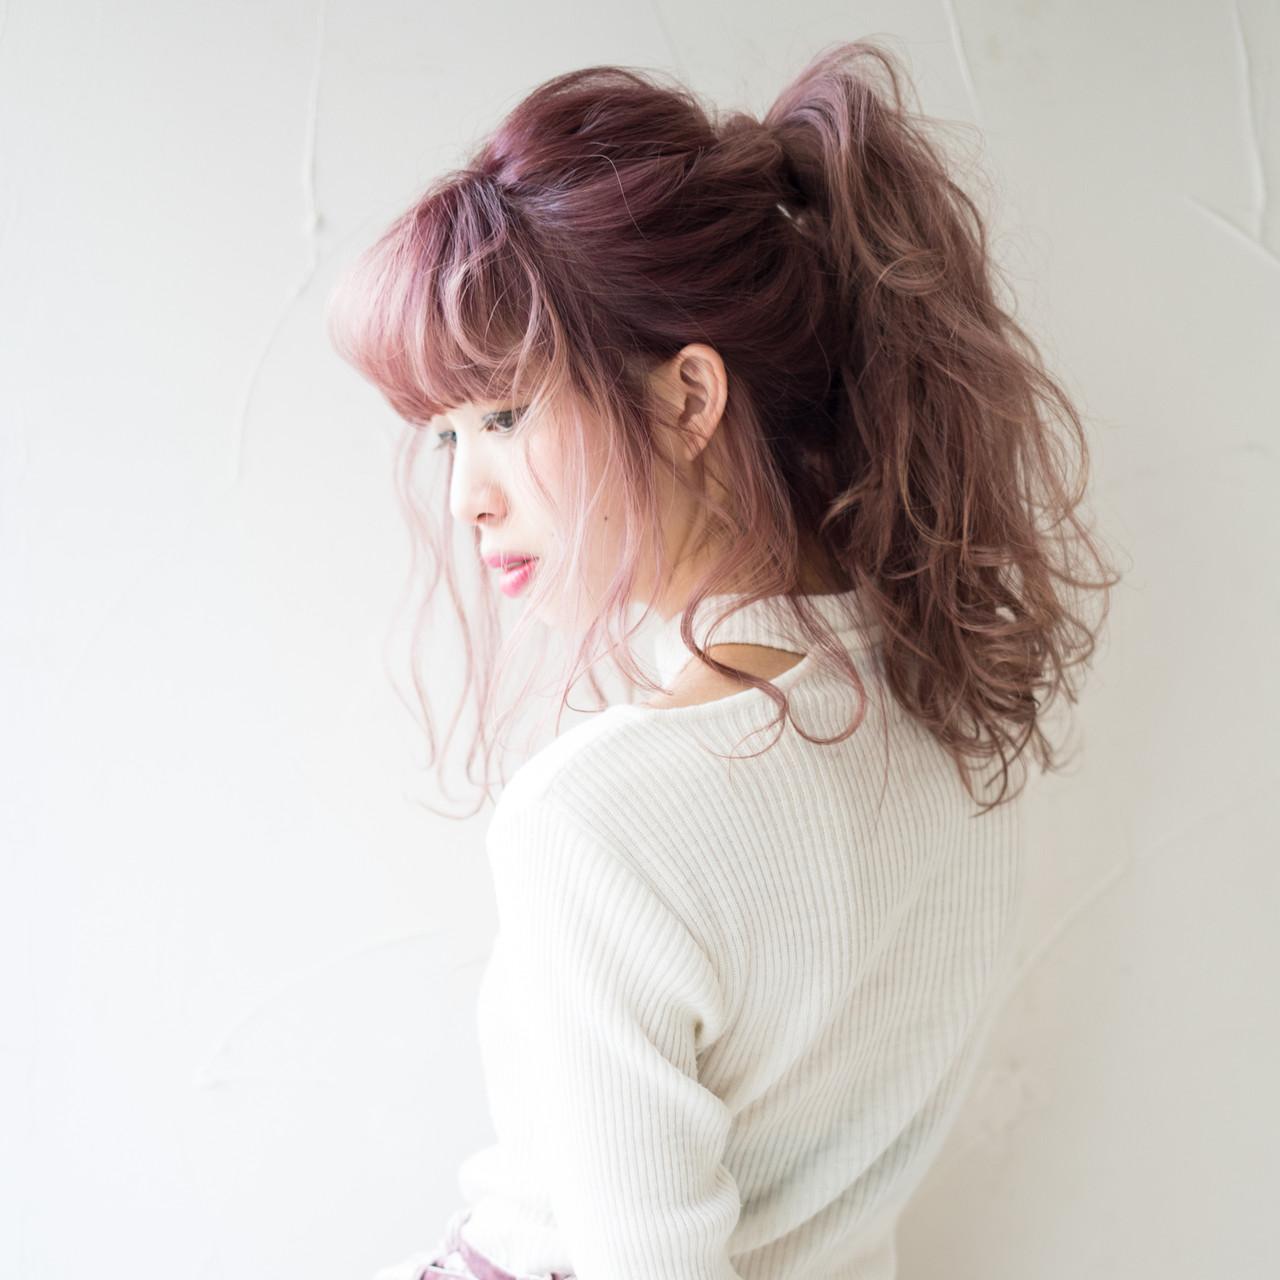 ポニーテール ピンク ヘアアレンジ 簡単ヘアアレンジ ヘアスタイルや髪型の写真・画像